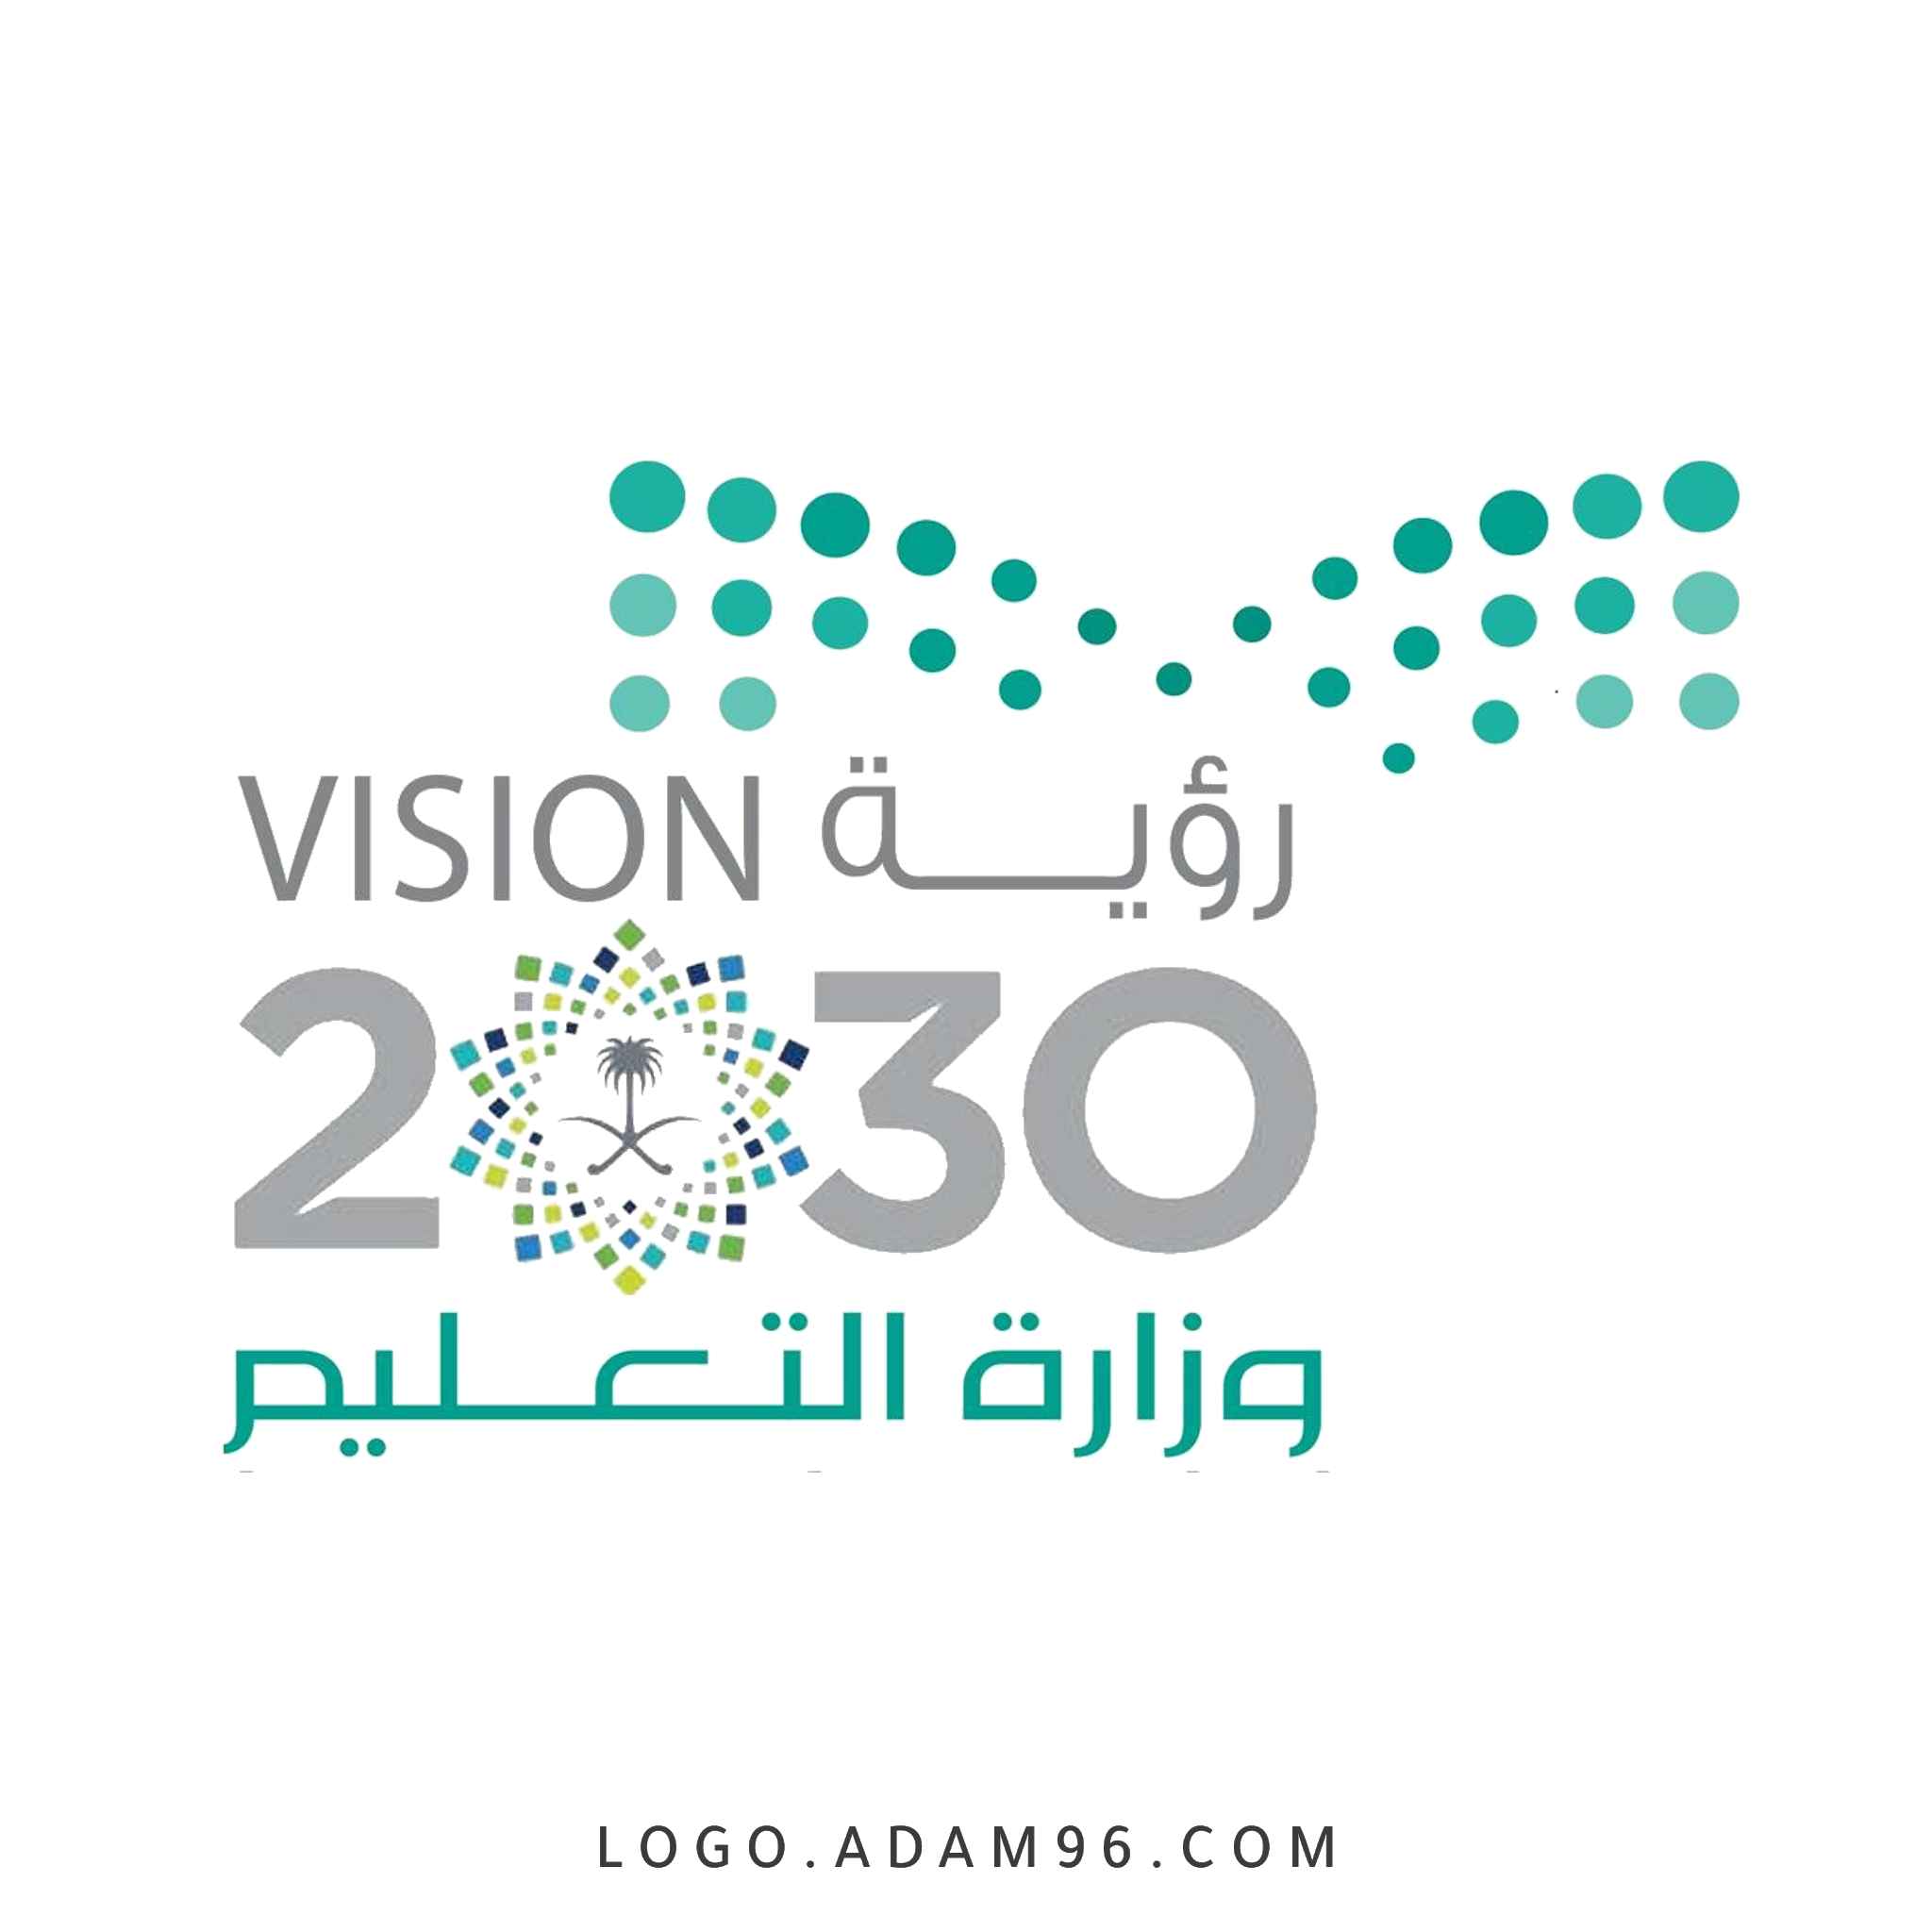 تحميل شعار وزارة التعليم مع الرؤية 2030 الرسمي عالي الجودة Png شعارات السعودية الرسمية